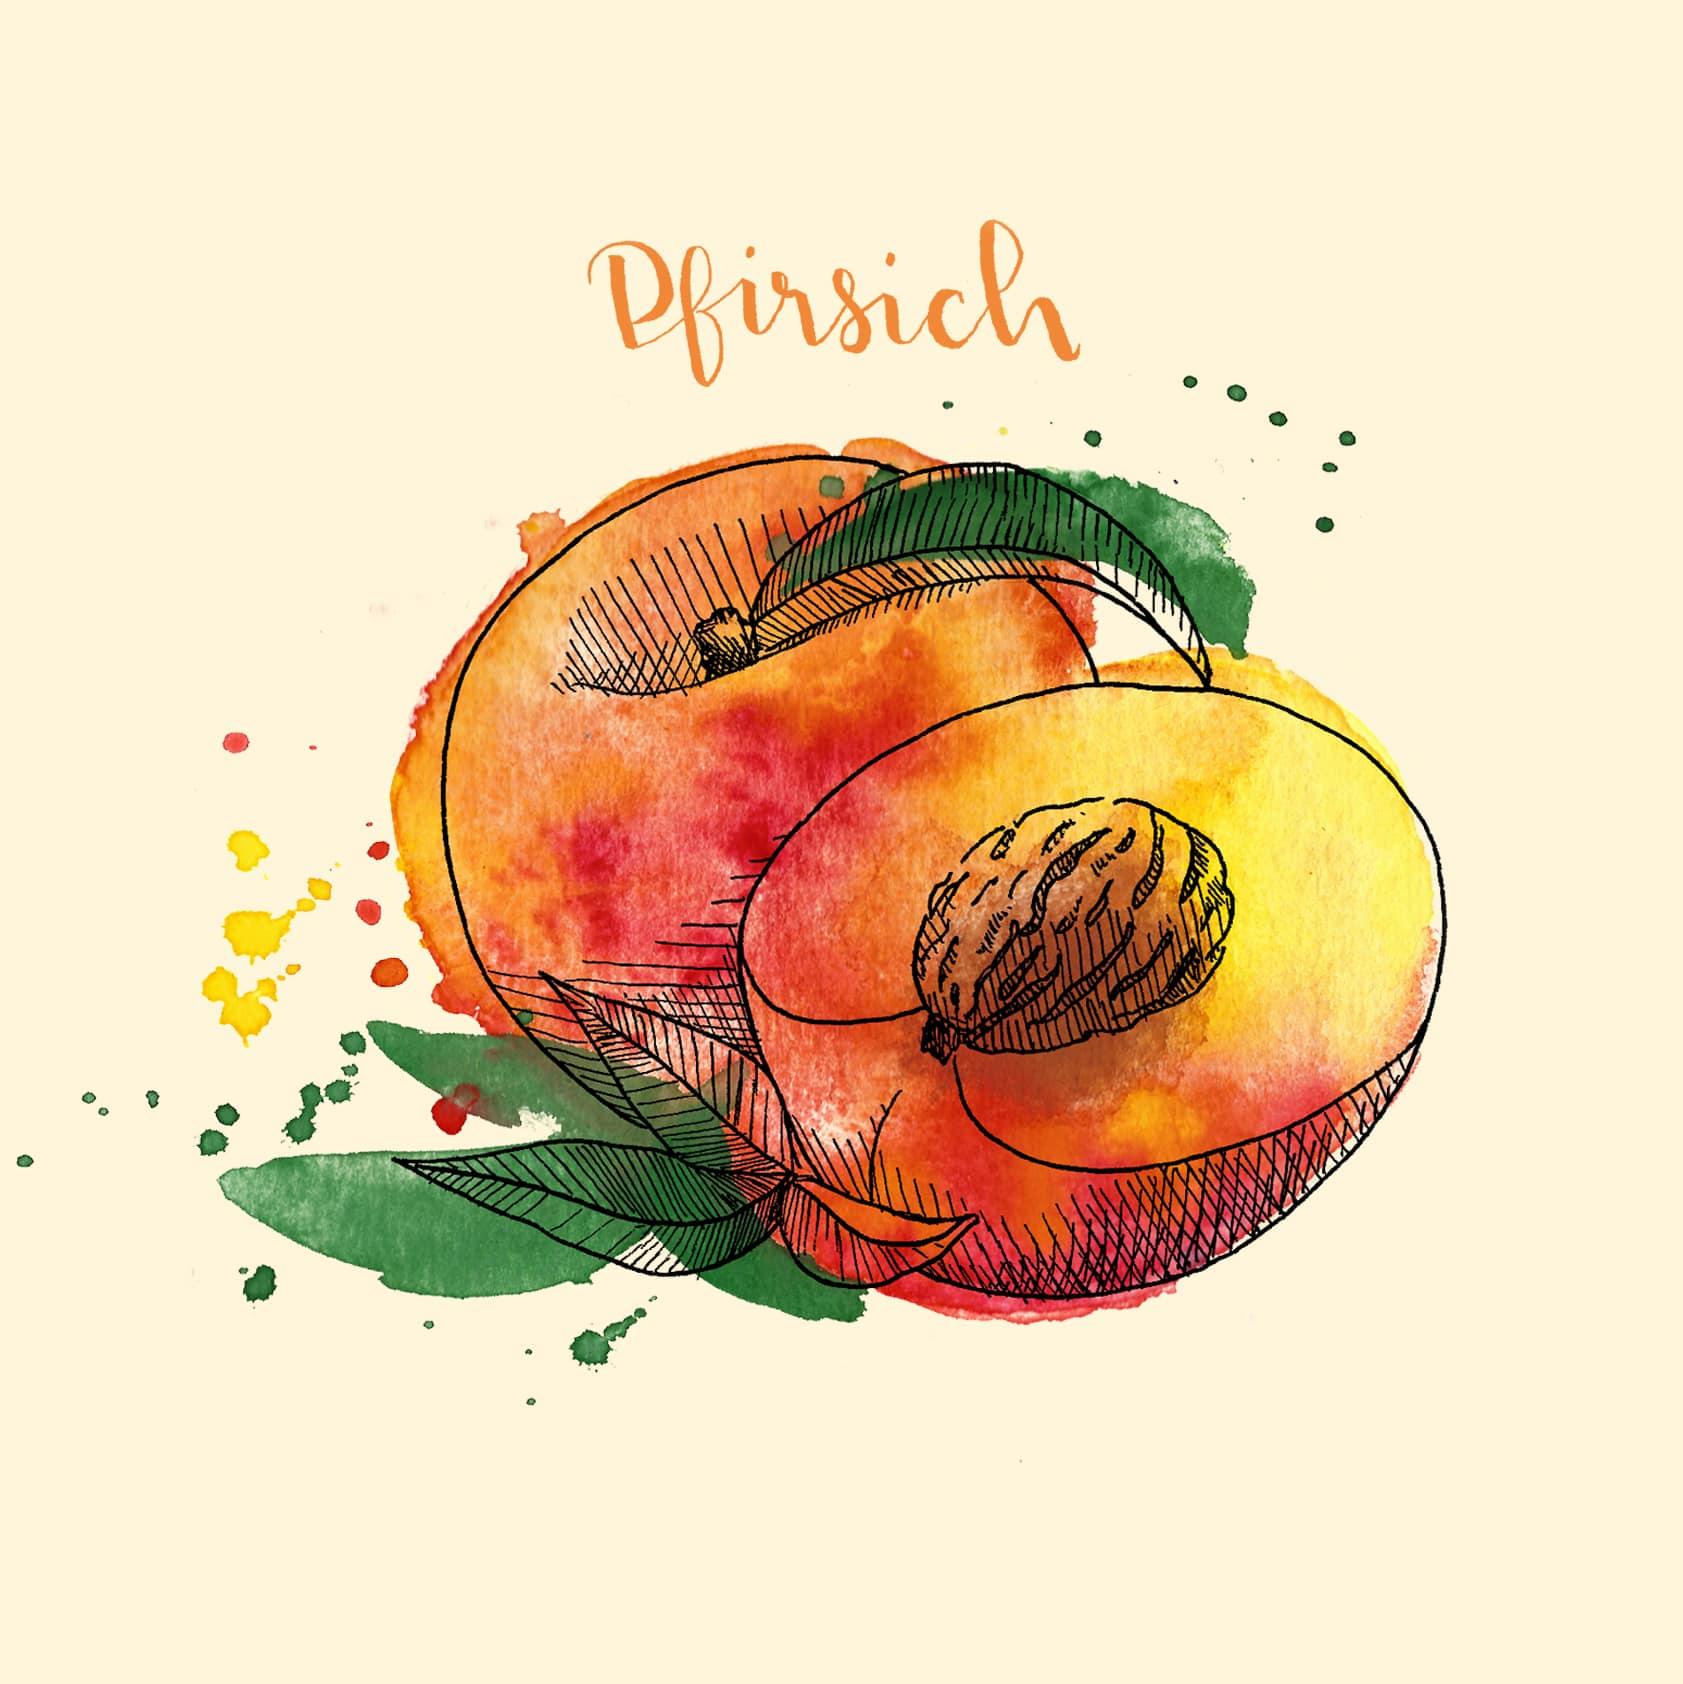 Schöne Pfirsich-Illustration